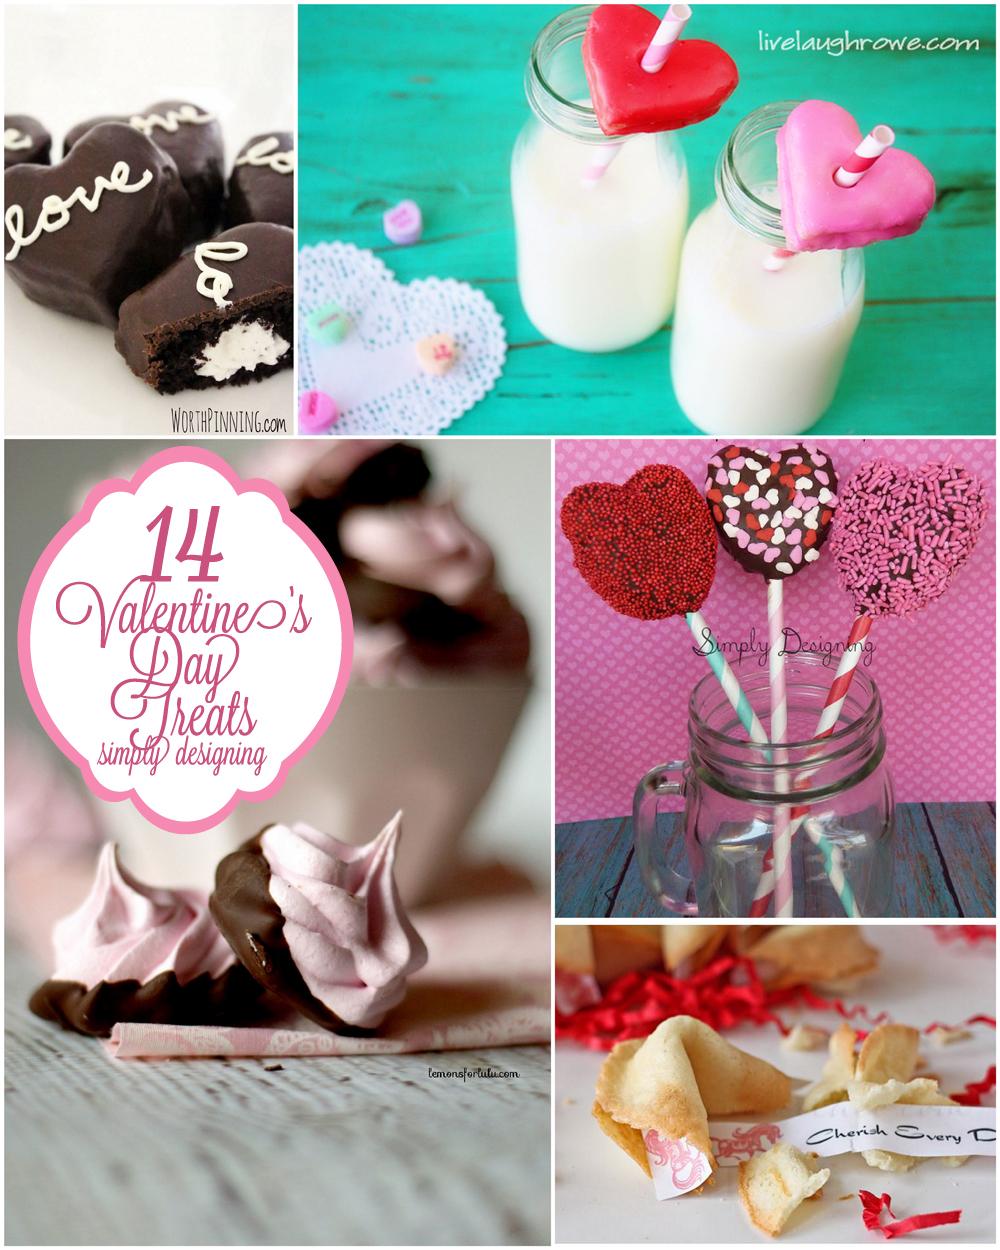 14 Valentine's Day Treats | #valentinesday #recipes #vday